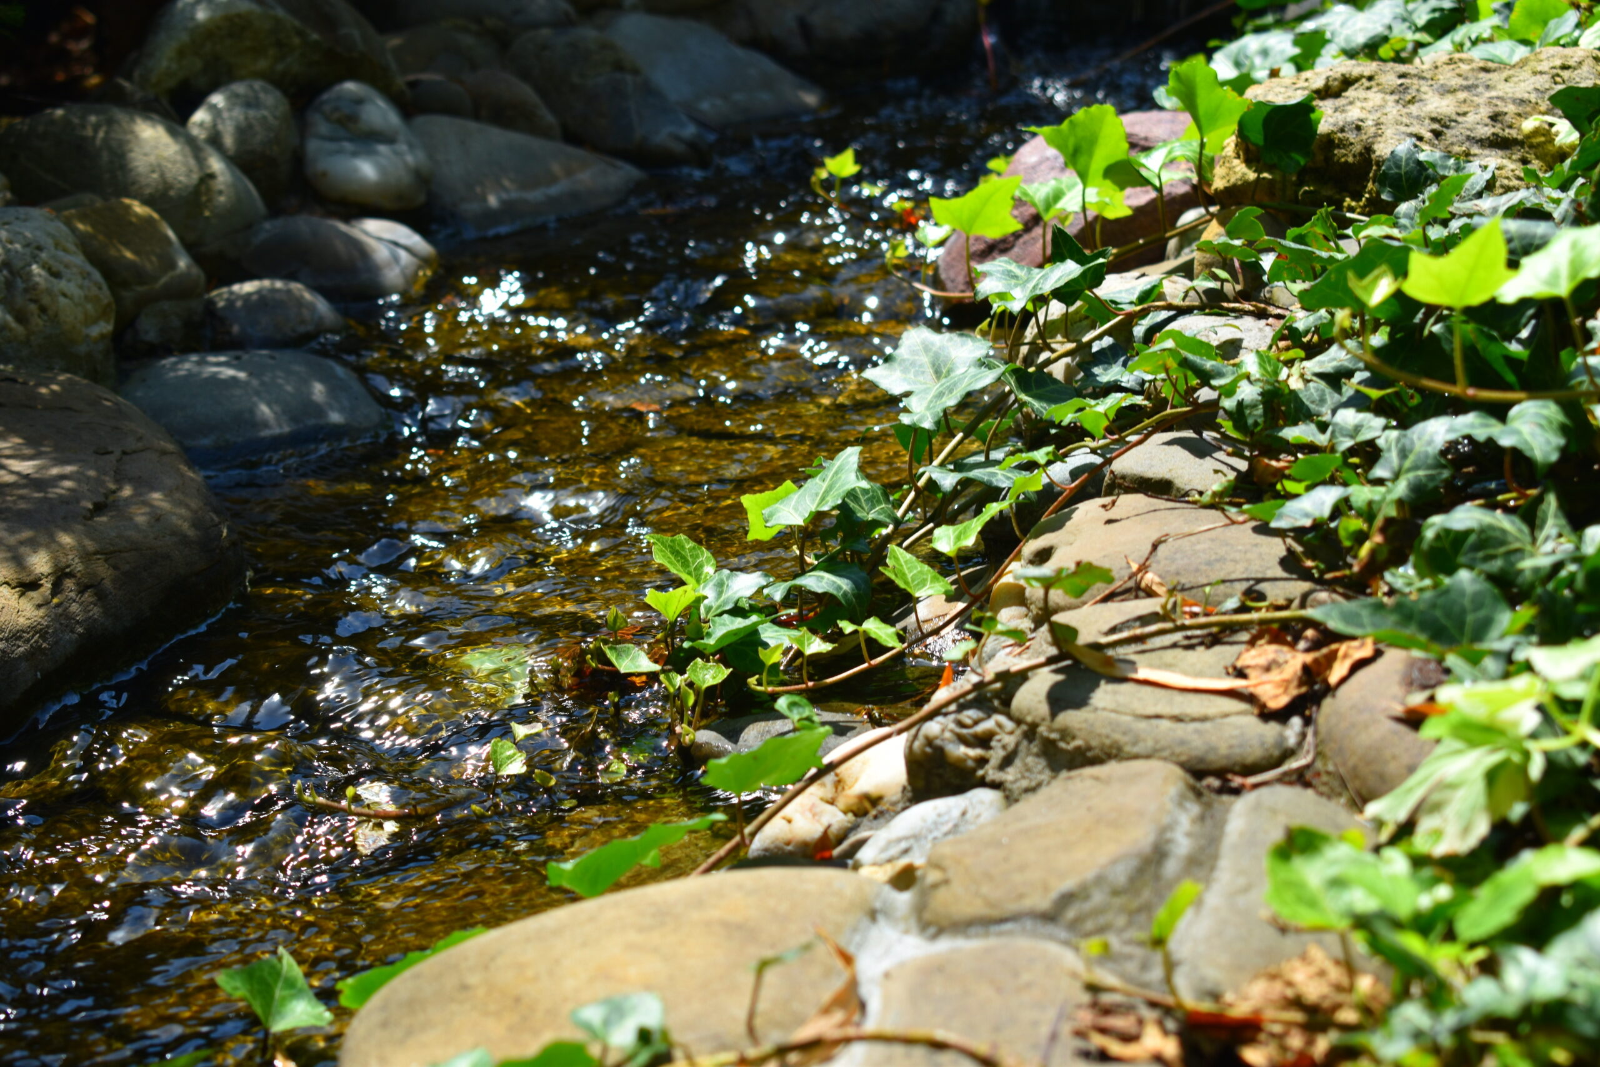 дренаж при высоком уровне грунтовых вод, изменение рельефа на участке, дренажная система на участке,